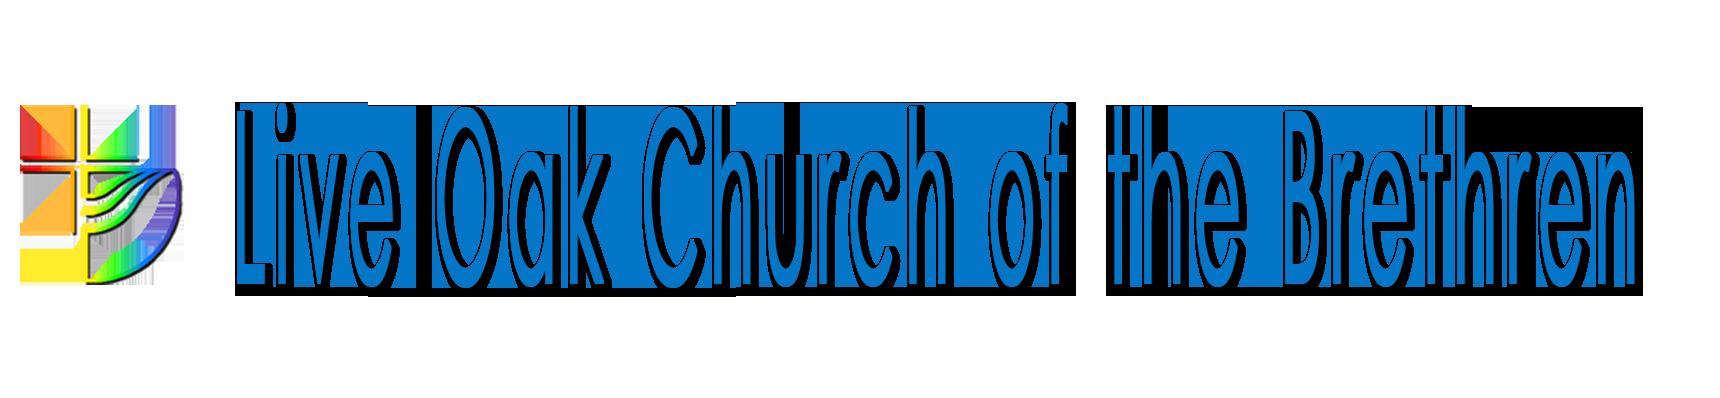 Live Oak  Church of the Brethren